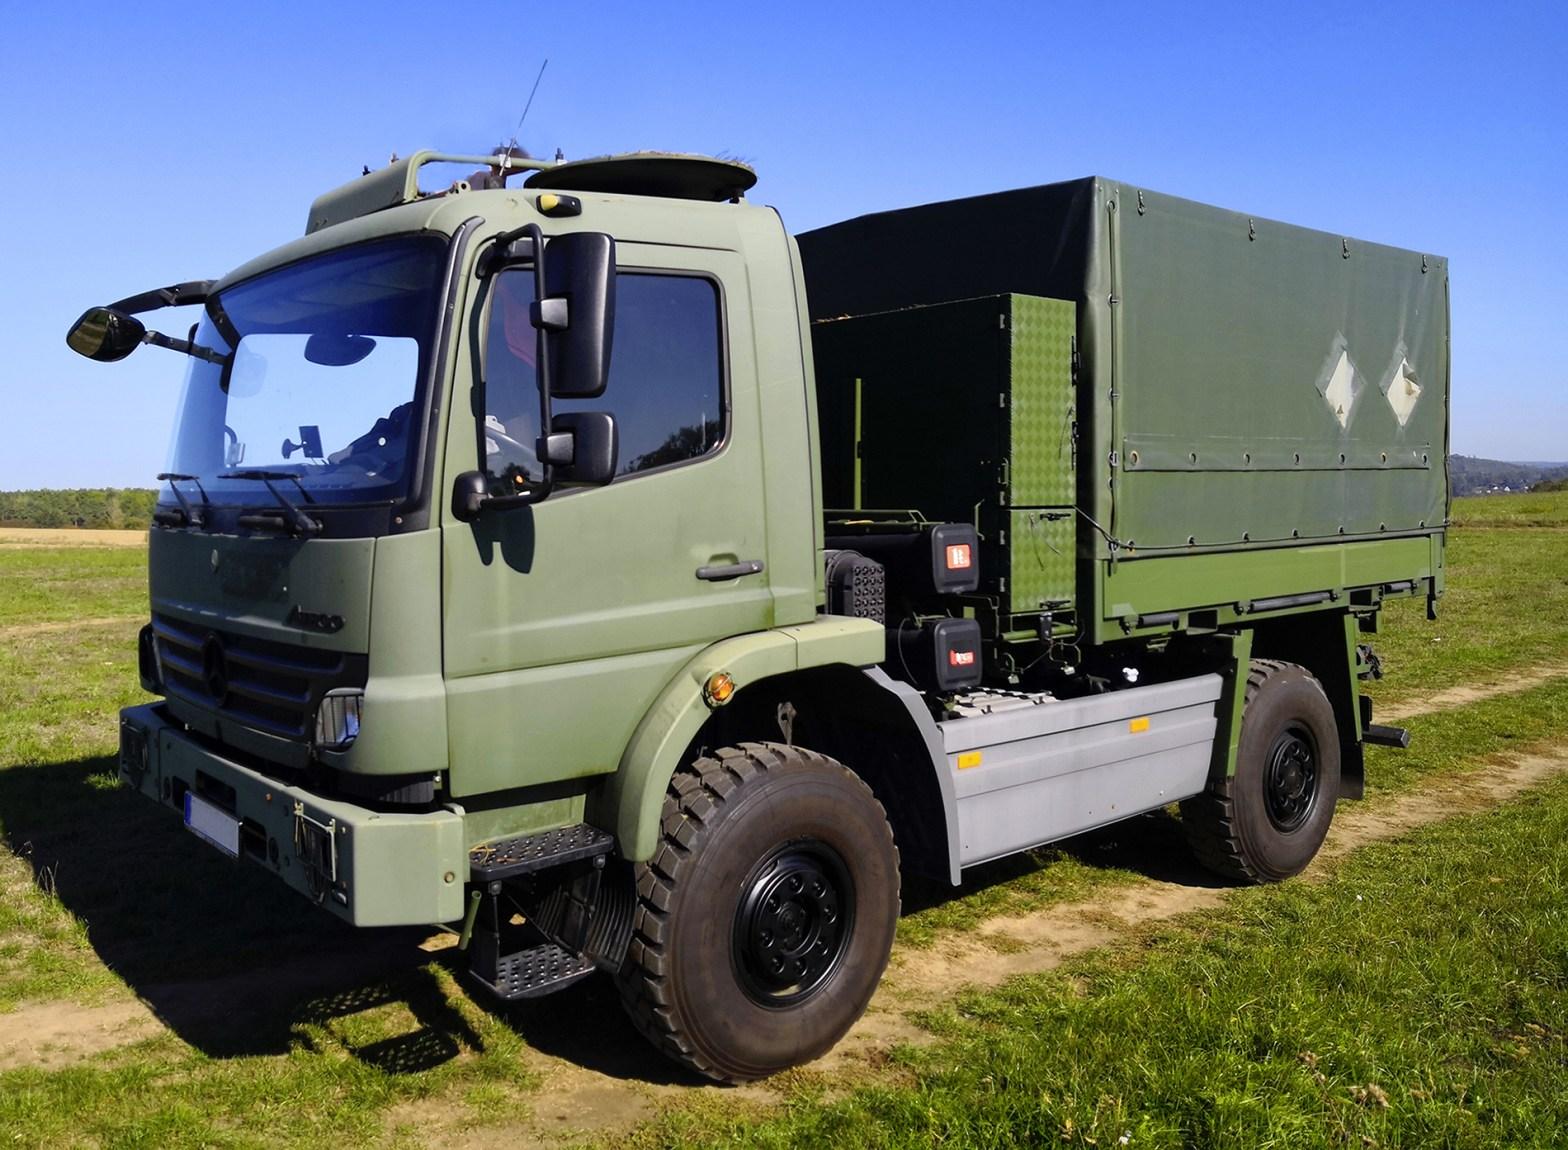 Atego 1018 A 4x4 Bundeswehr | www.Atego4x4.com